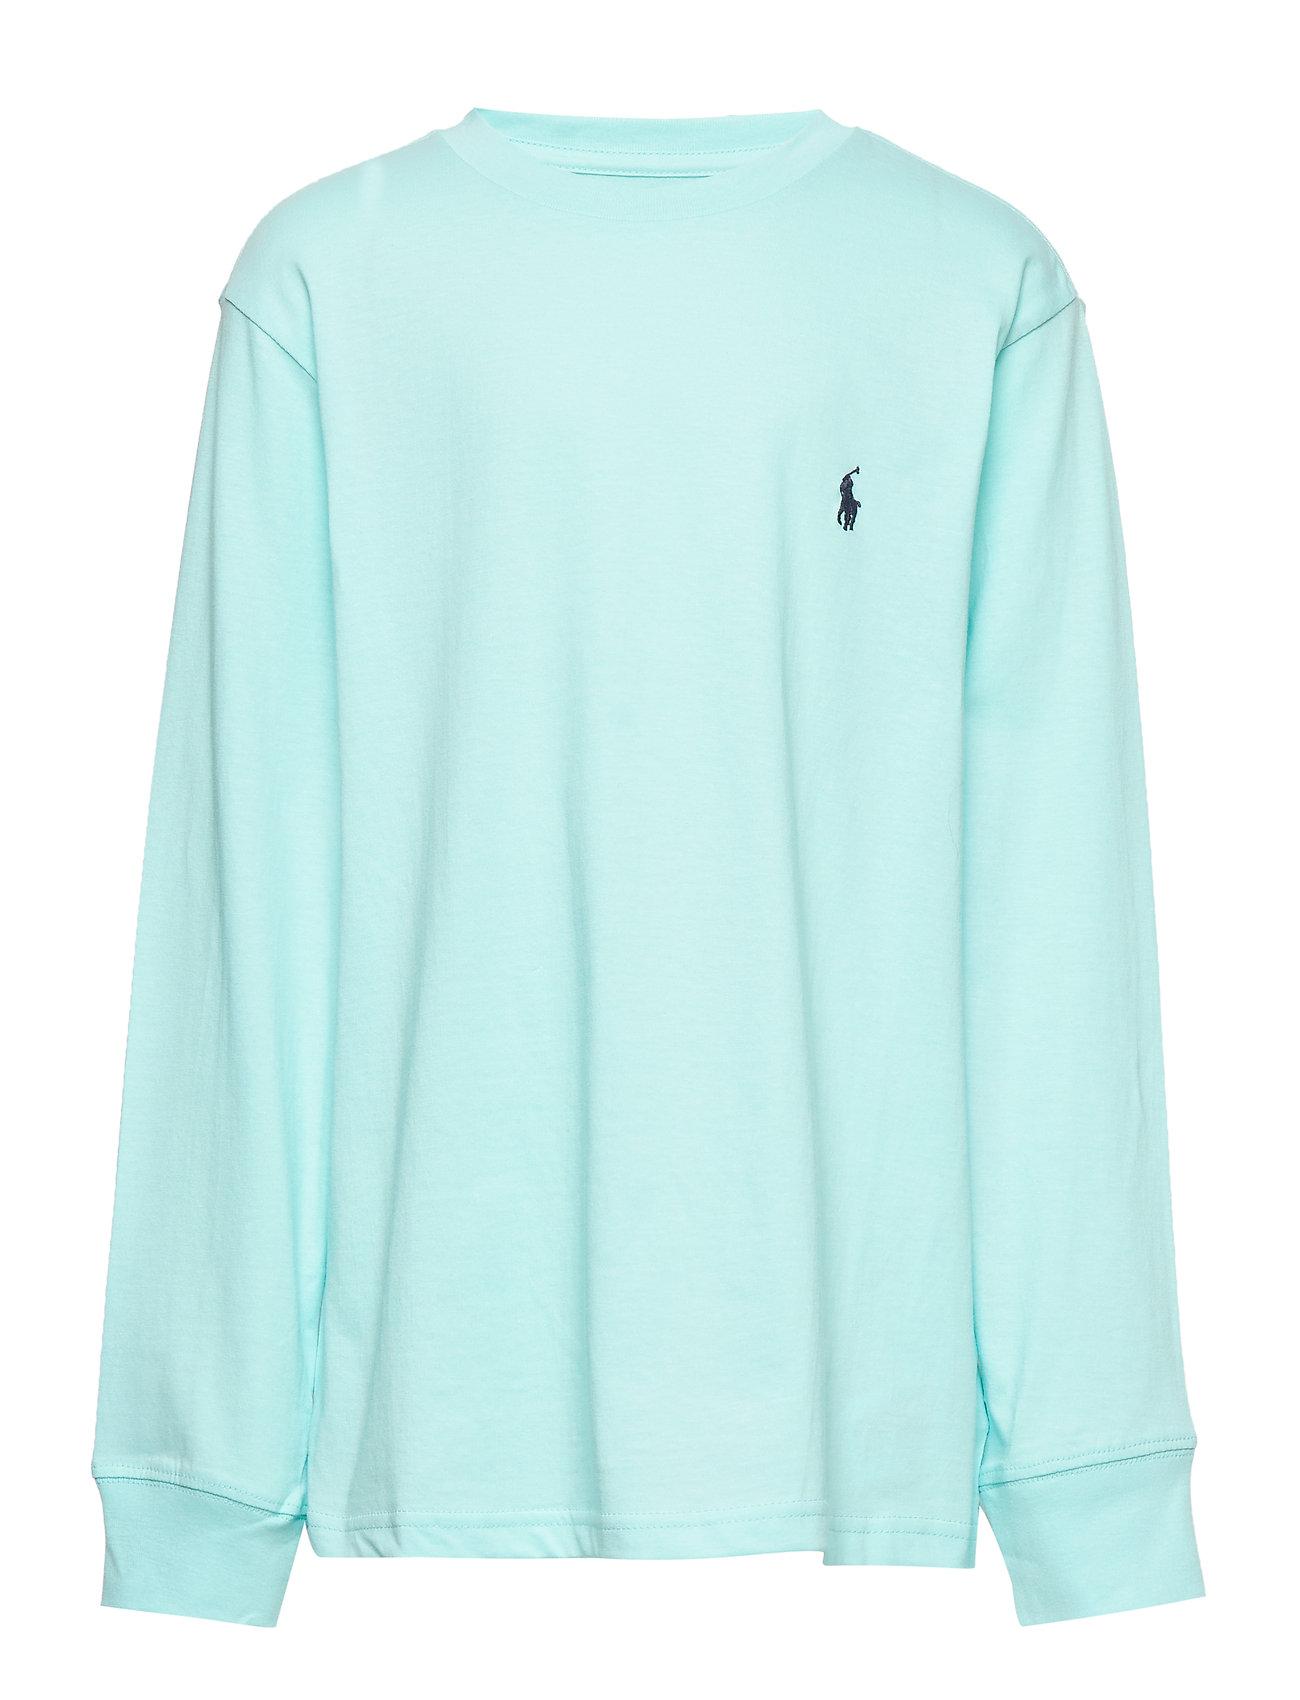 Ralph Lauren Kids Cotton Jersey Crewneck T-Shirt - ISLAND AQUA